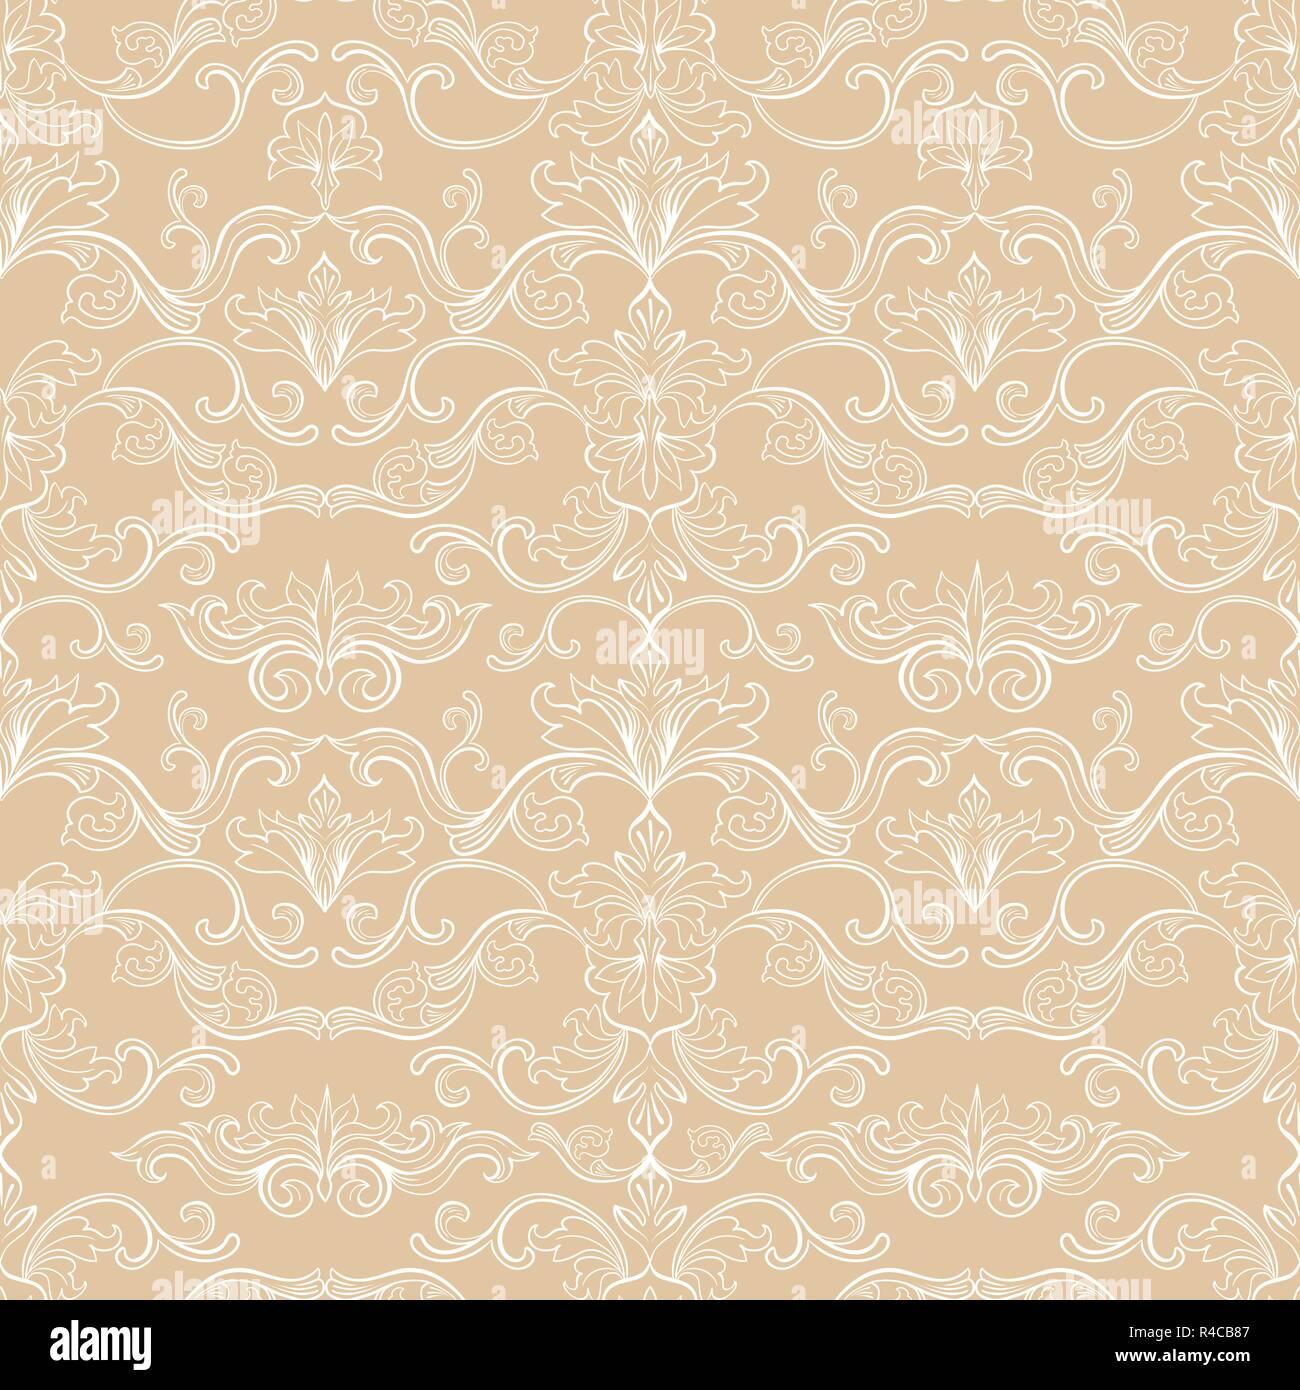 damast vektor nahtlose muster vintage style tapete teppich oder verpackung papier design gold. Black Bedroom Furniture Sets. Home Design Ideas